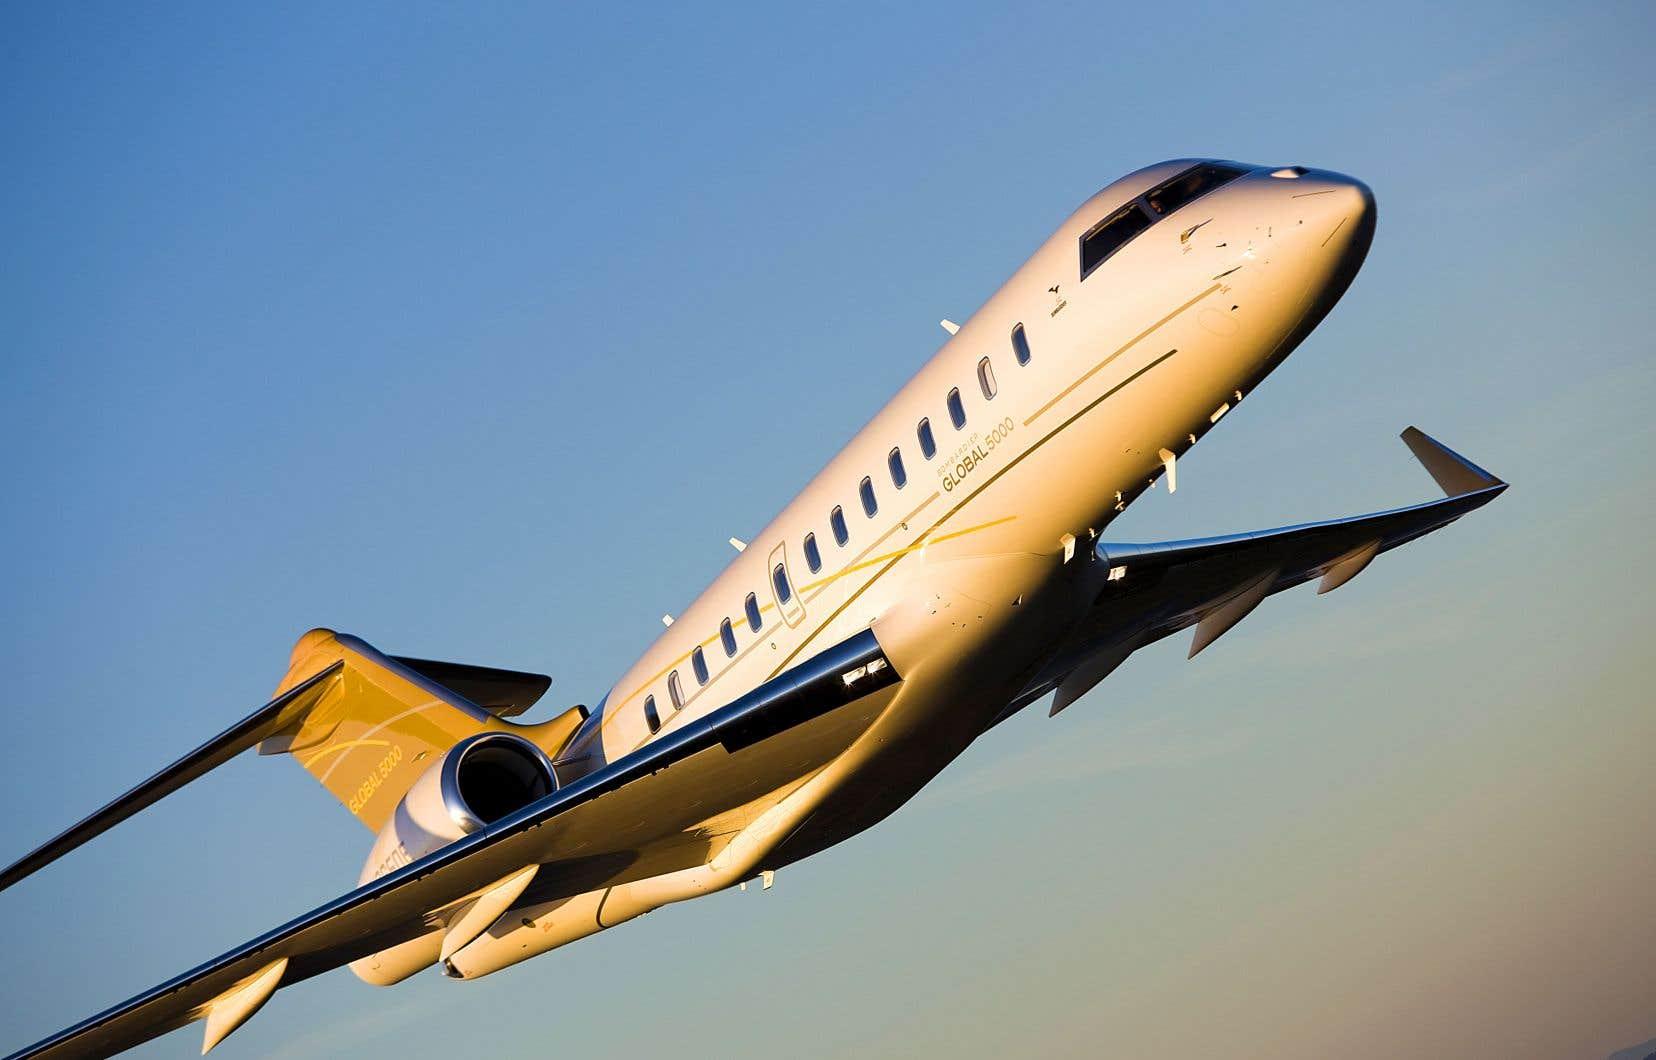 Les avions d'affaires de l'entreprise, ce sont des ventes de près de 5,5milliards de dollars américains, 18000 employés dans le monde, dont 10000 au Québec, 142 appareils livrés l'an dernier et un carnet de commandes de 14,4milliards.